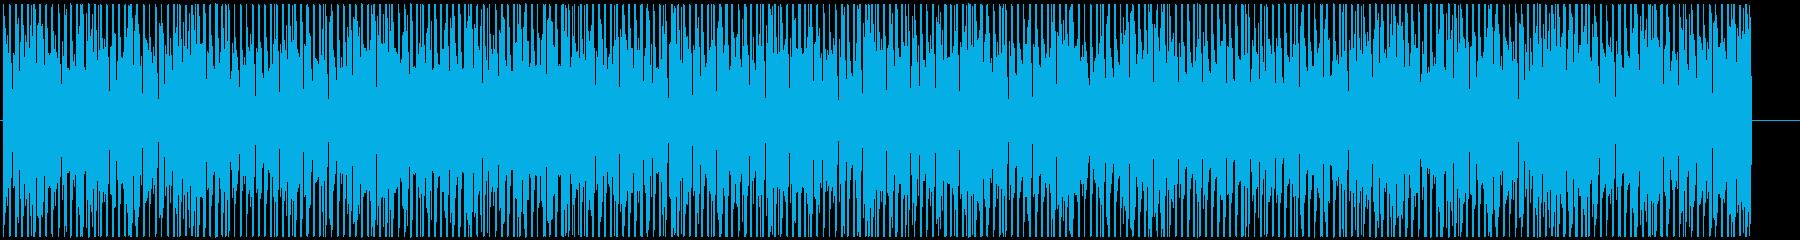 4つ打ち ほのぼのレゲエ の再生済みの波形